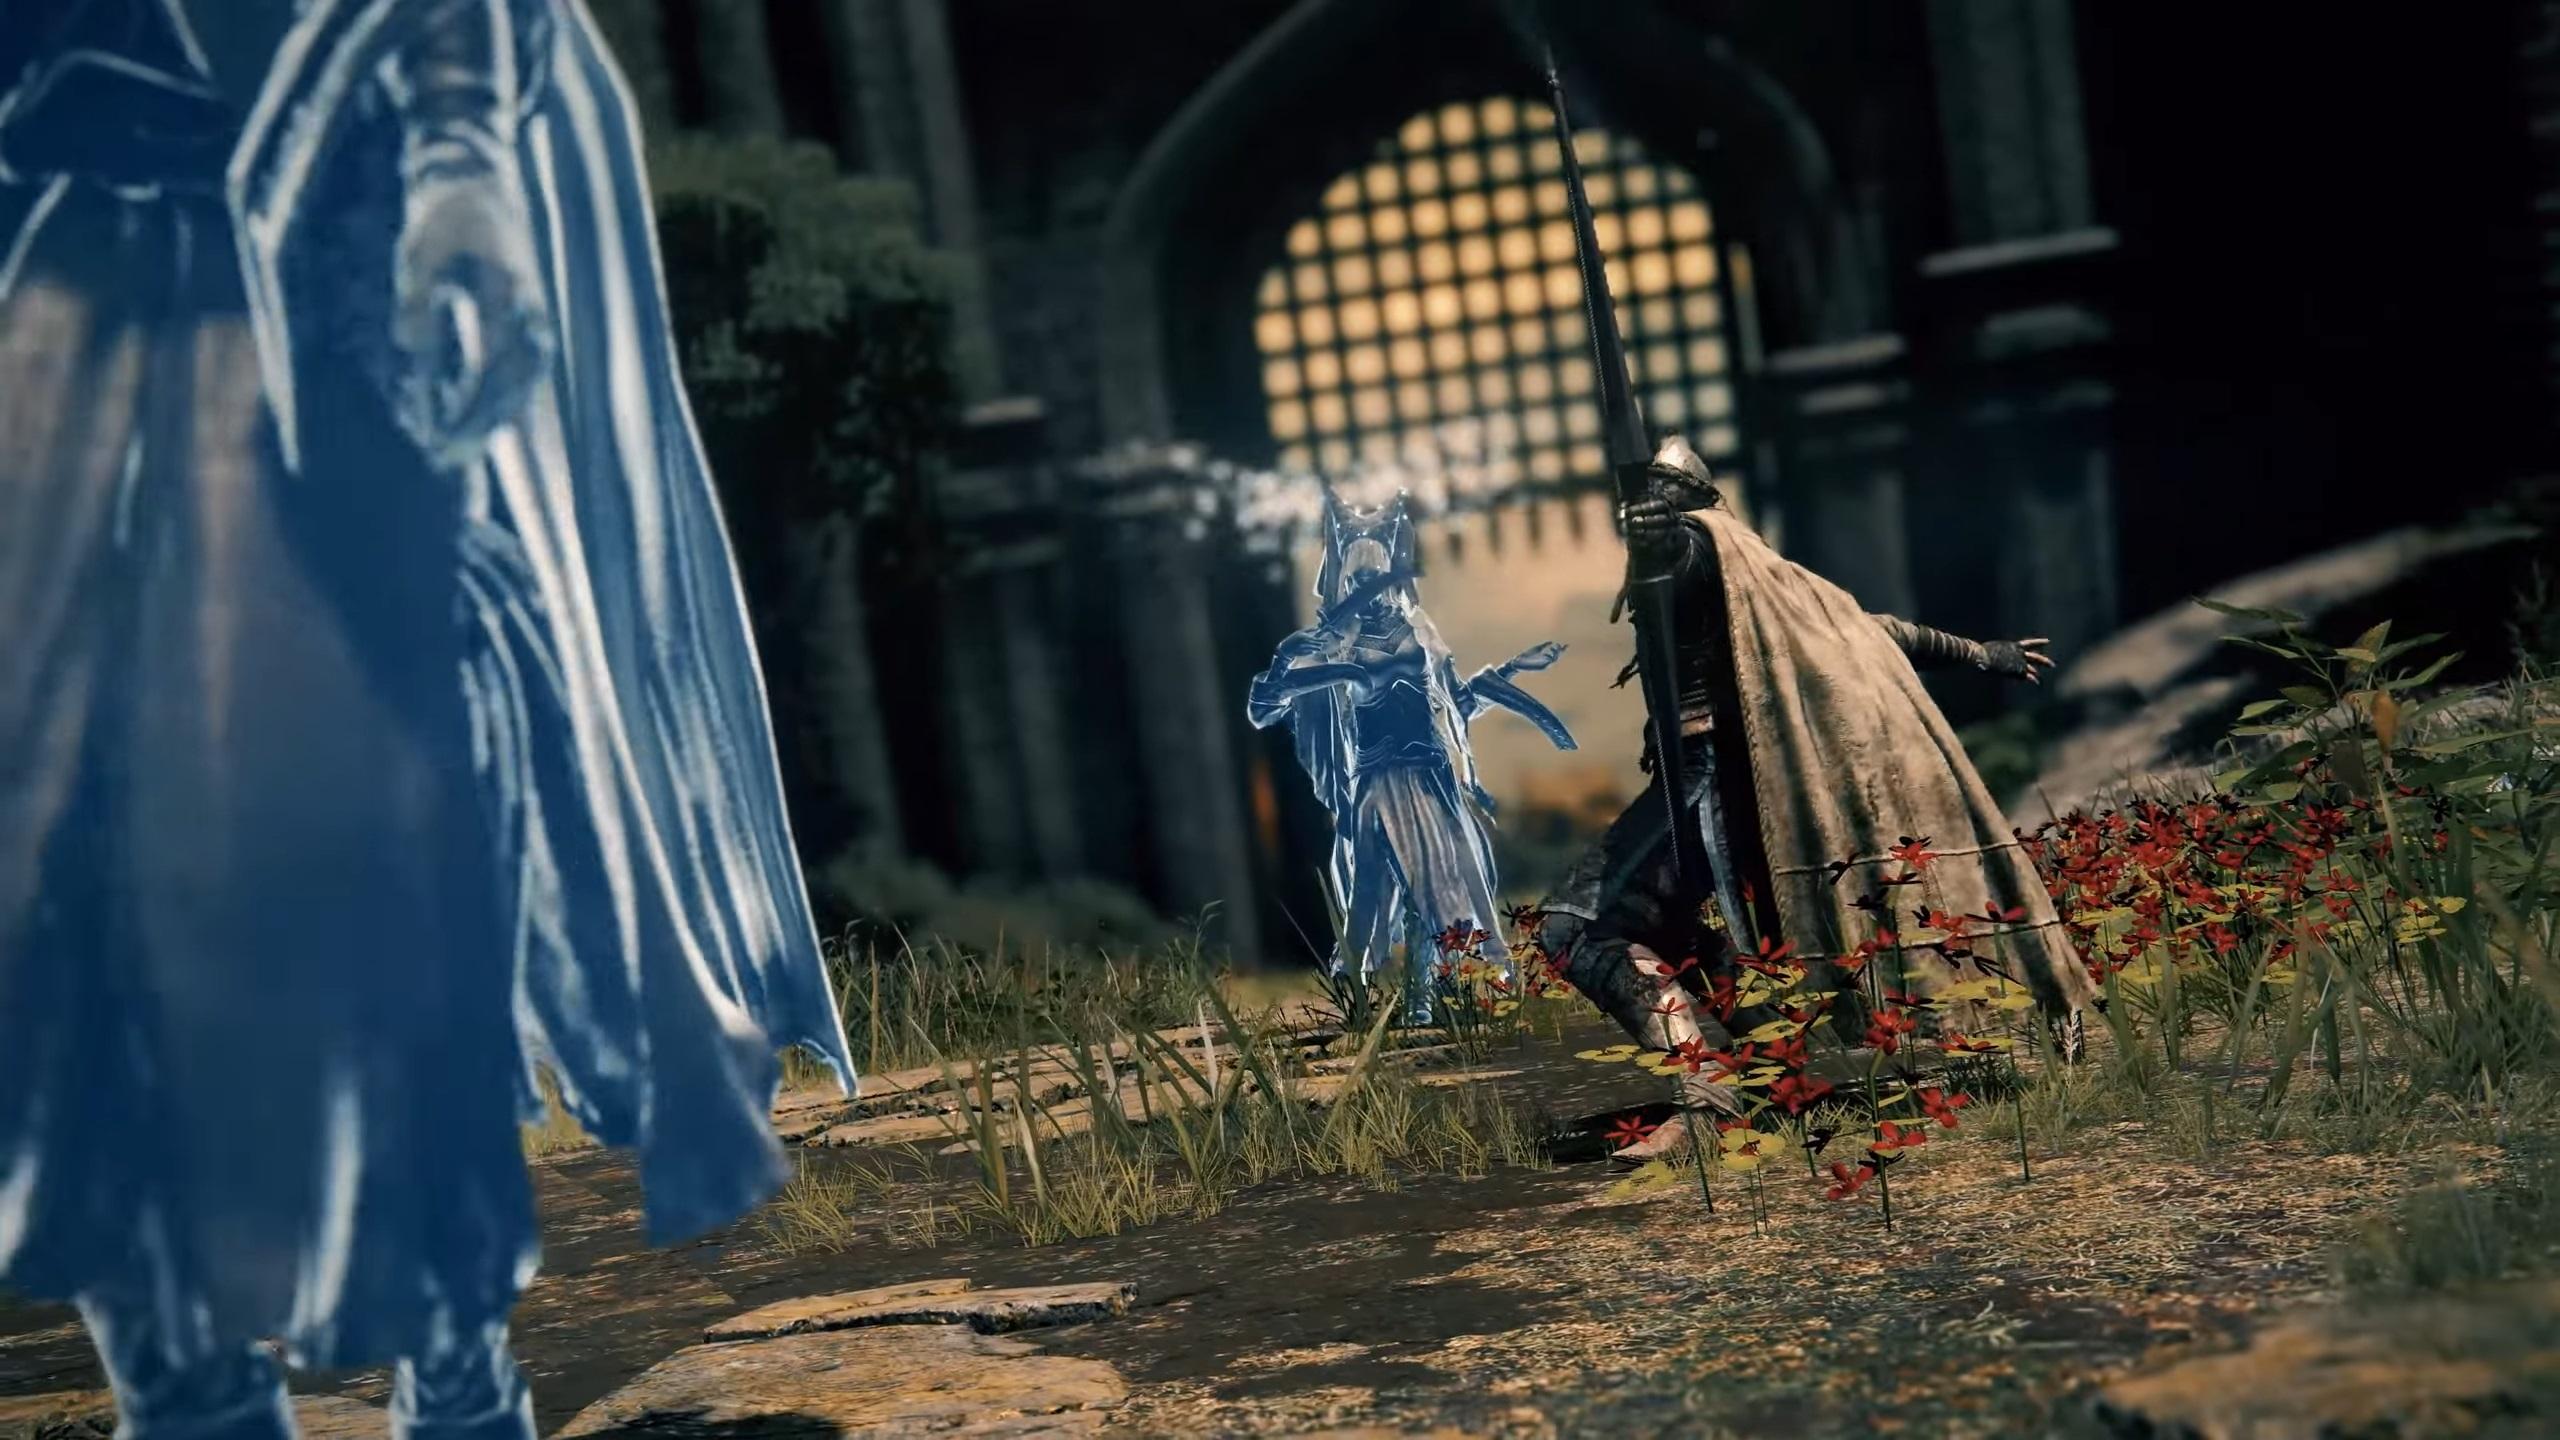 Elden Rings Multiplayer